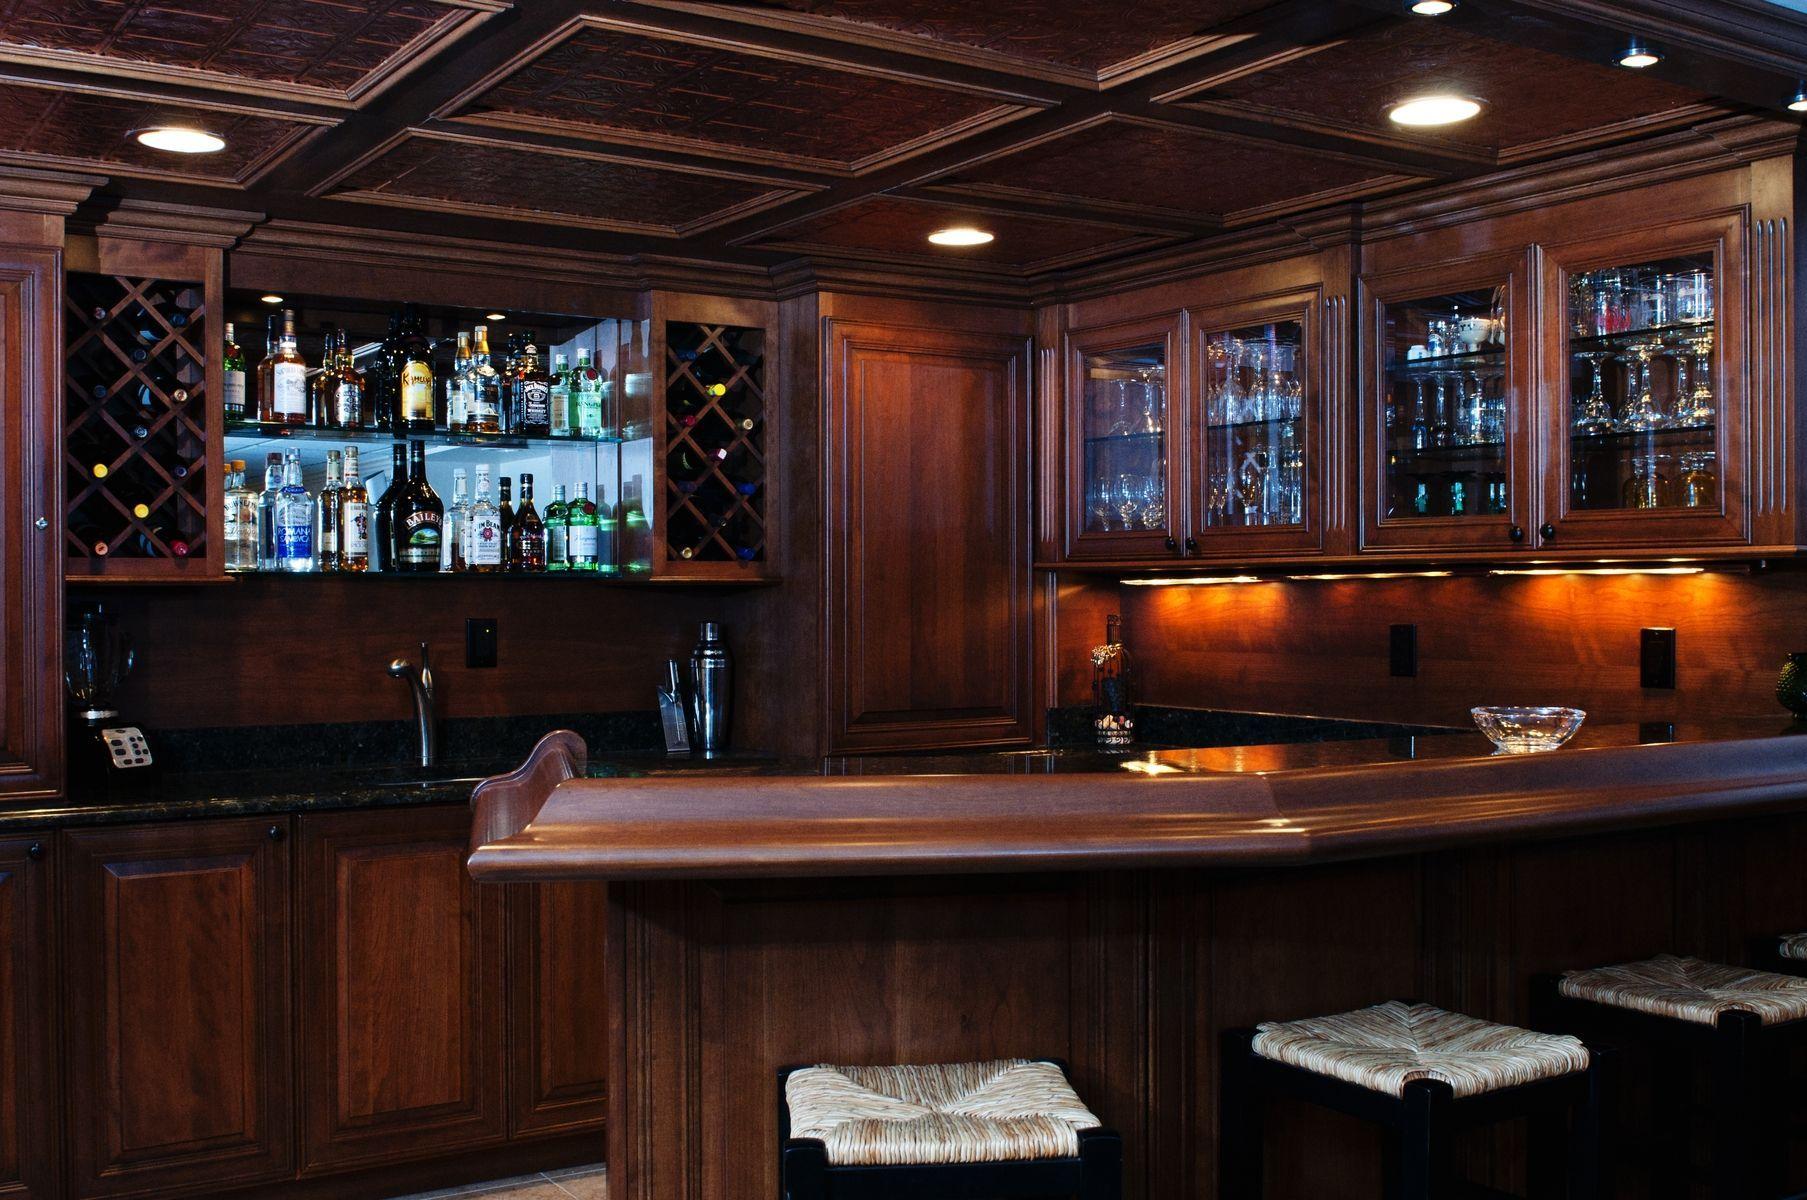 Basement Kitchen Bar   home garden kitchen bar bar wine built in ...